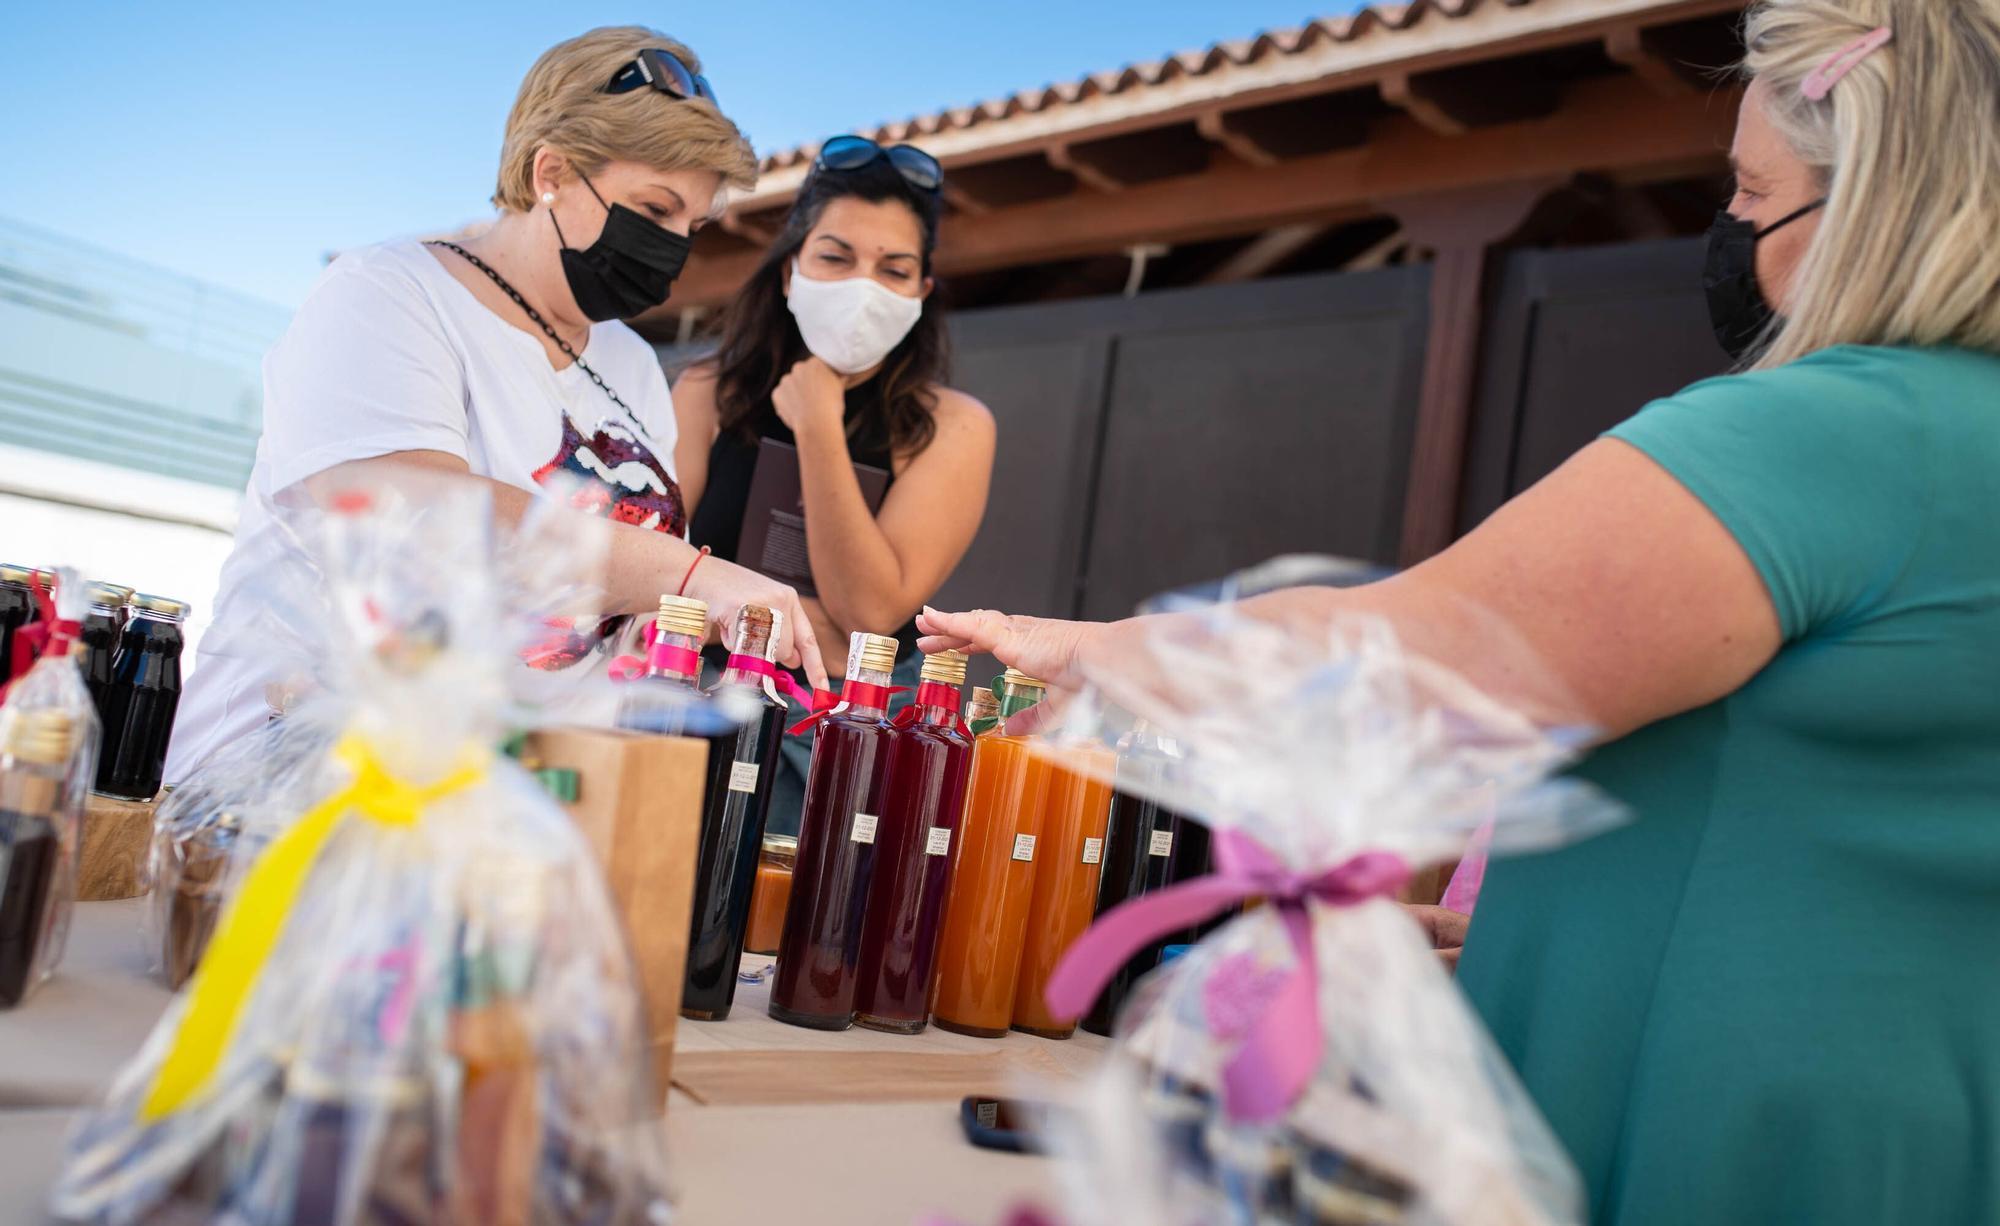 Feria de artesanía en Tegueste